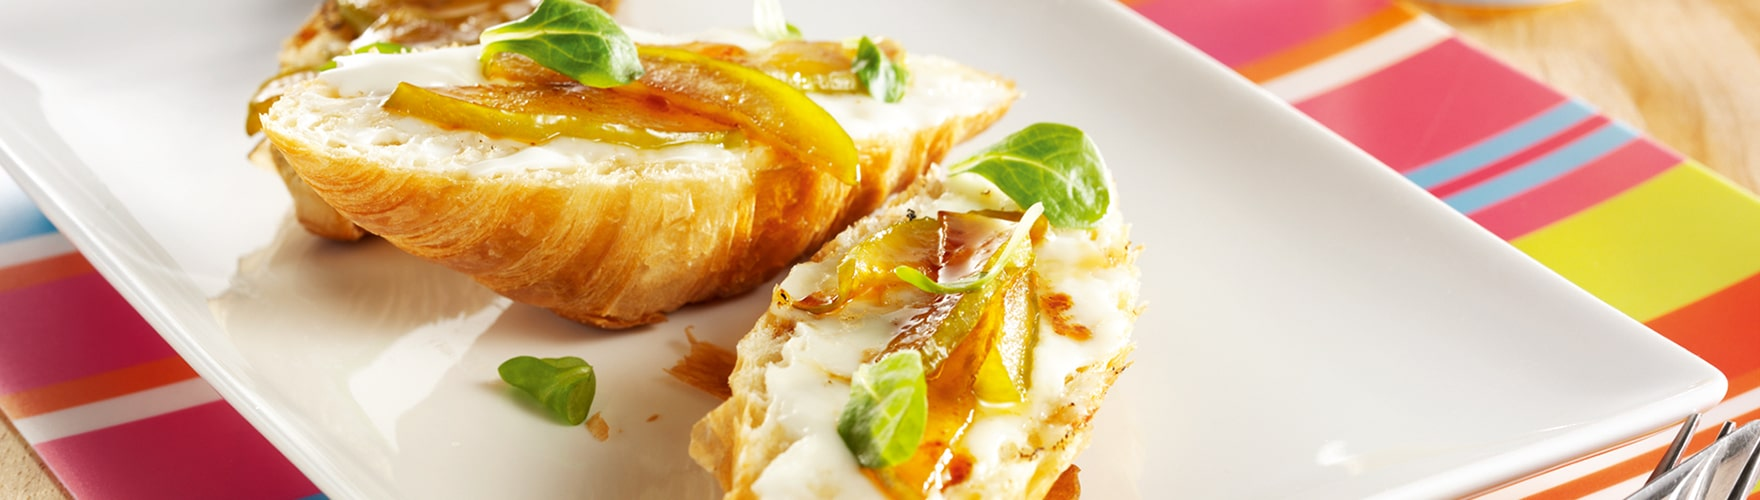 Overheerlijke croissant met geitenkaas, honing en appel